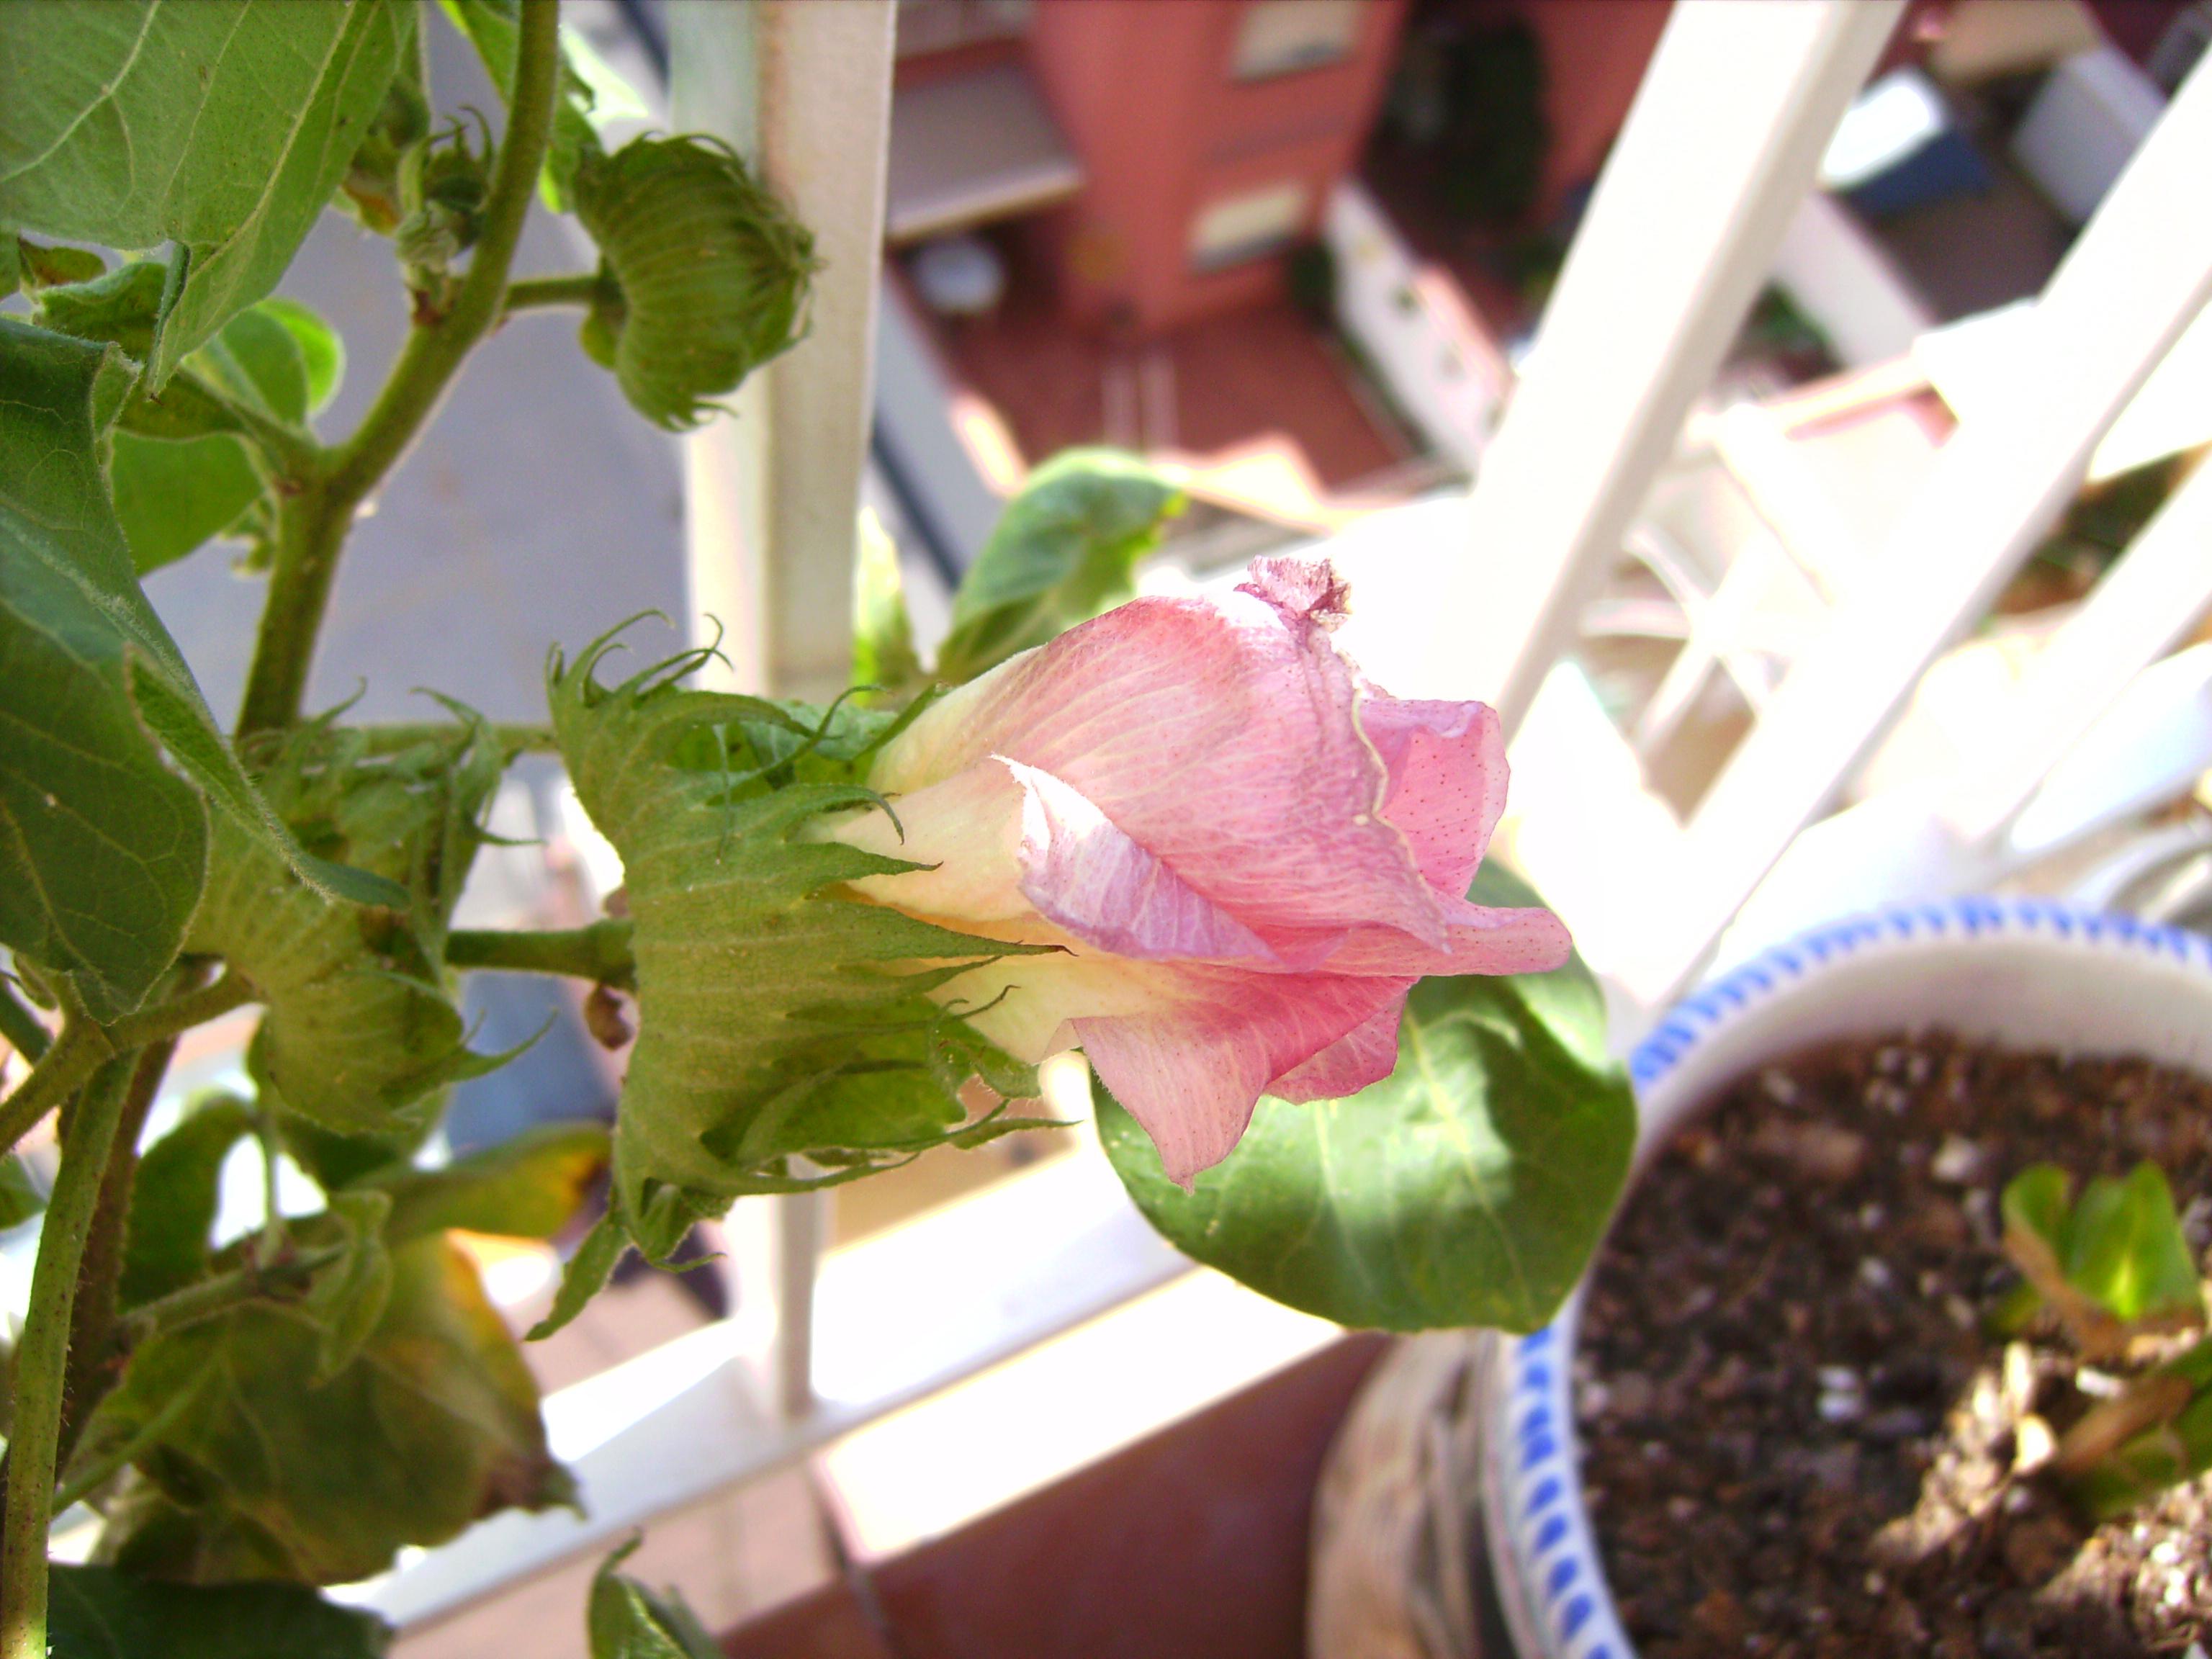 Color Cotton Plant File:cotton Plant Flower g